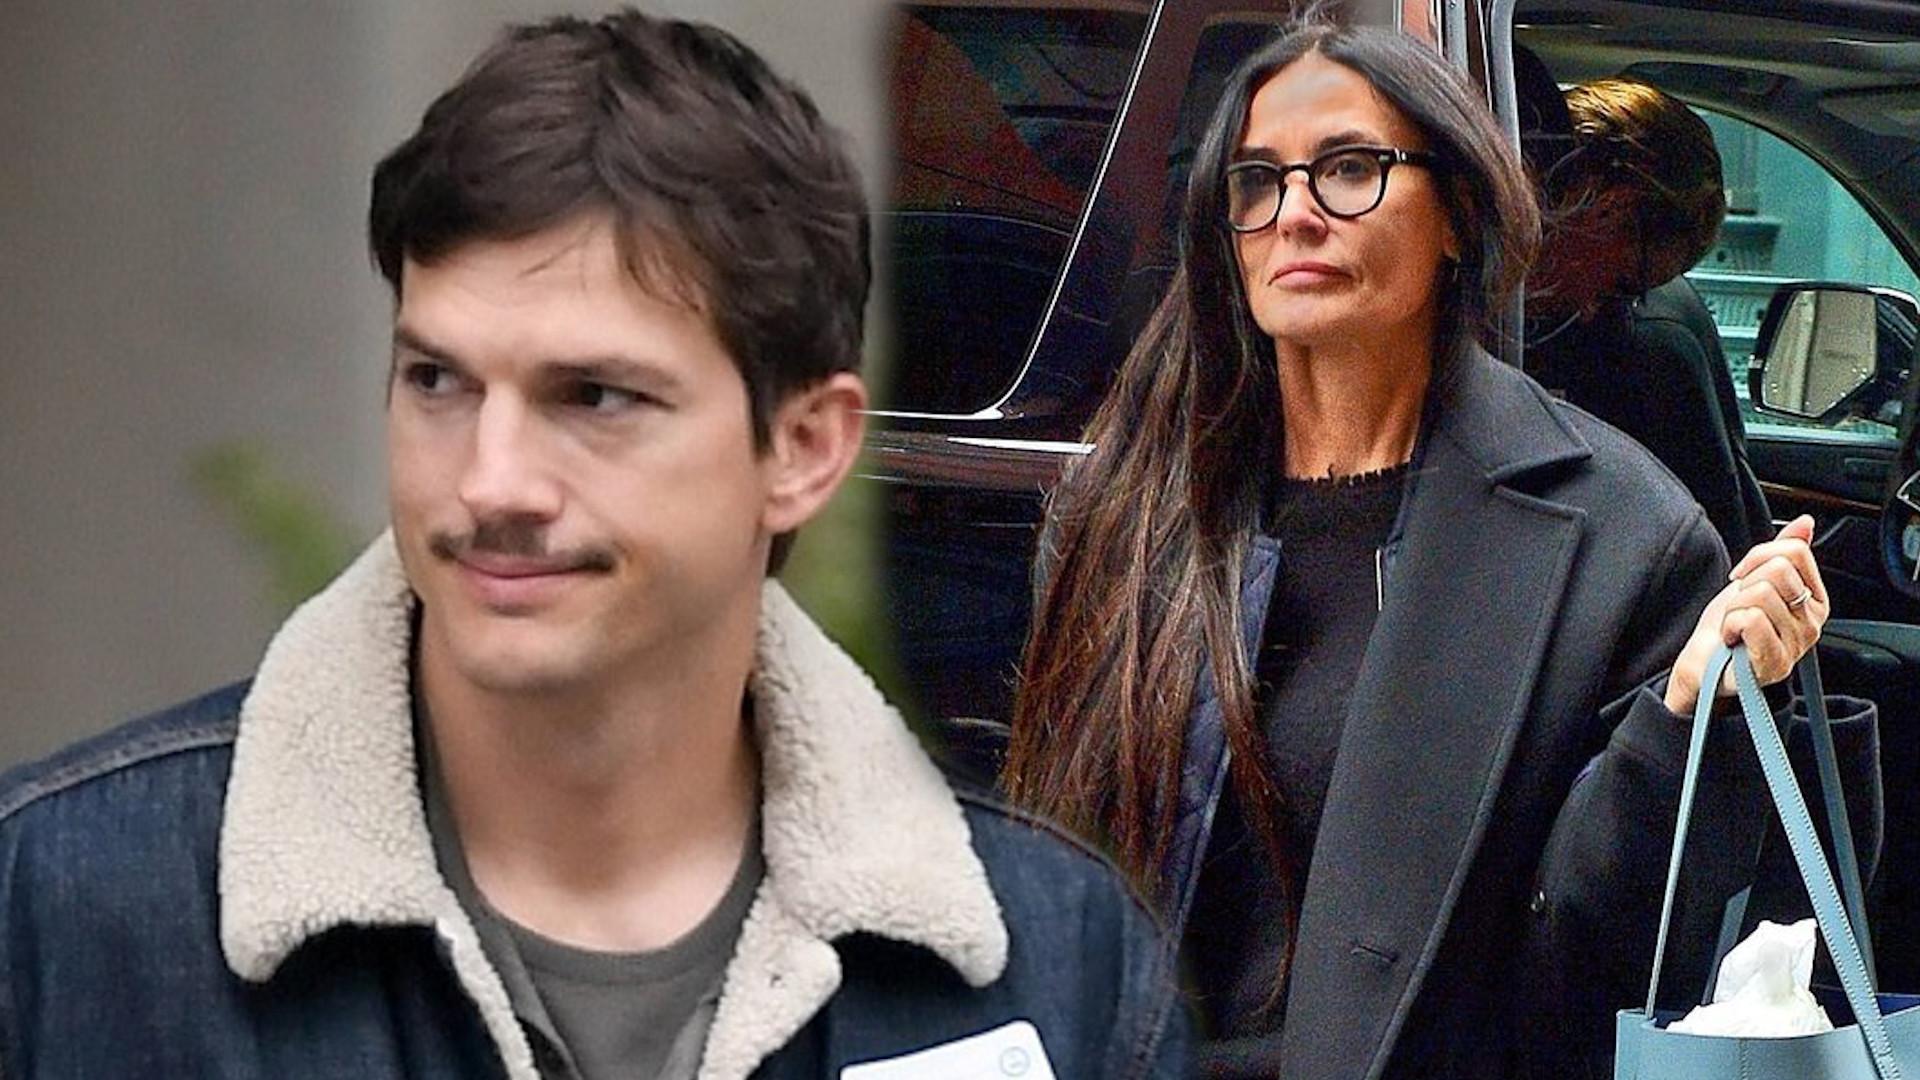 Ashton Kutcher w końcu ODPOWIEDZIAŁ Demi Moore, która go oskarżyła o ZDRADĘ i nie tylko…